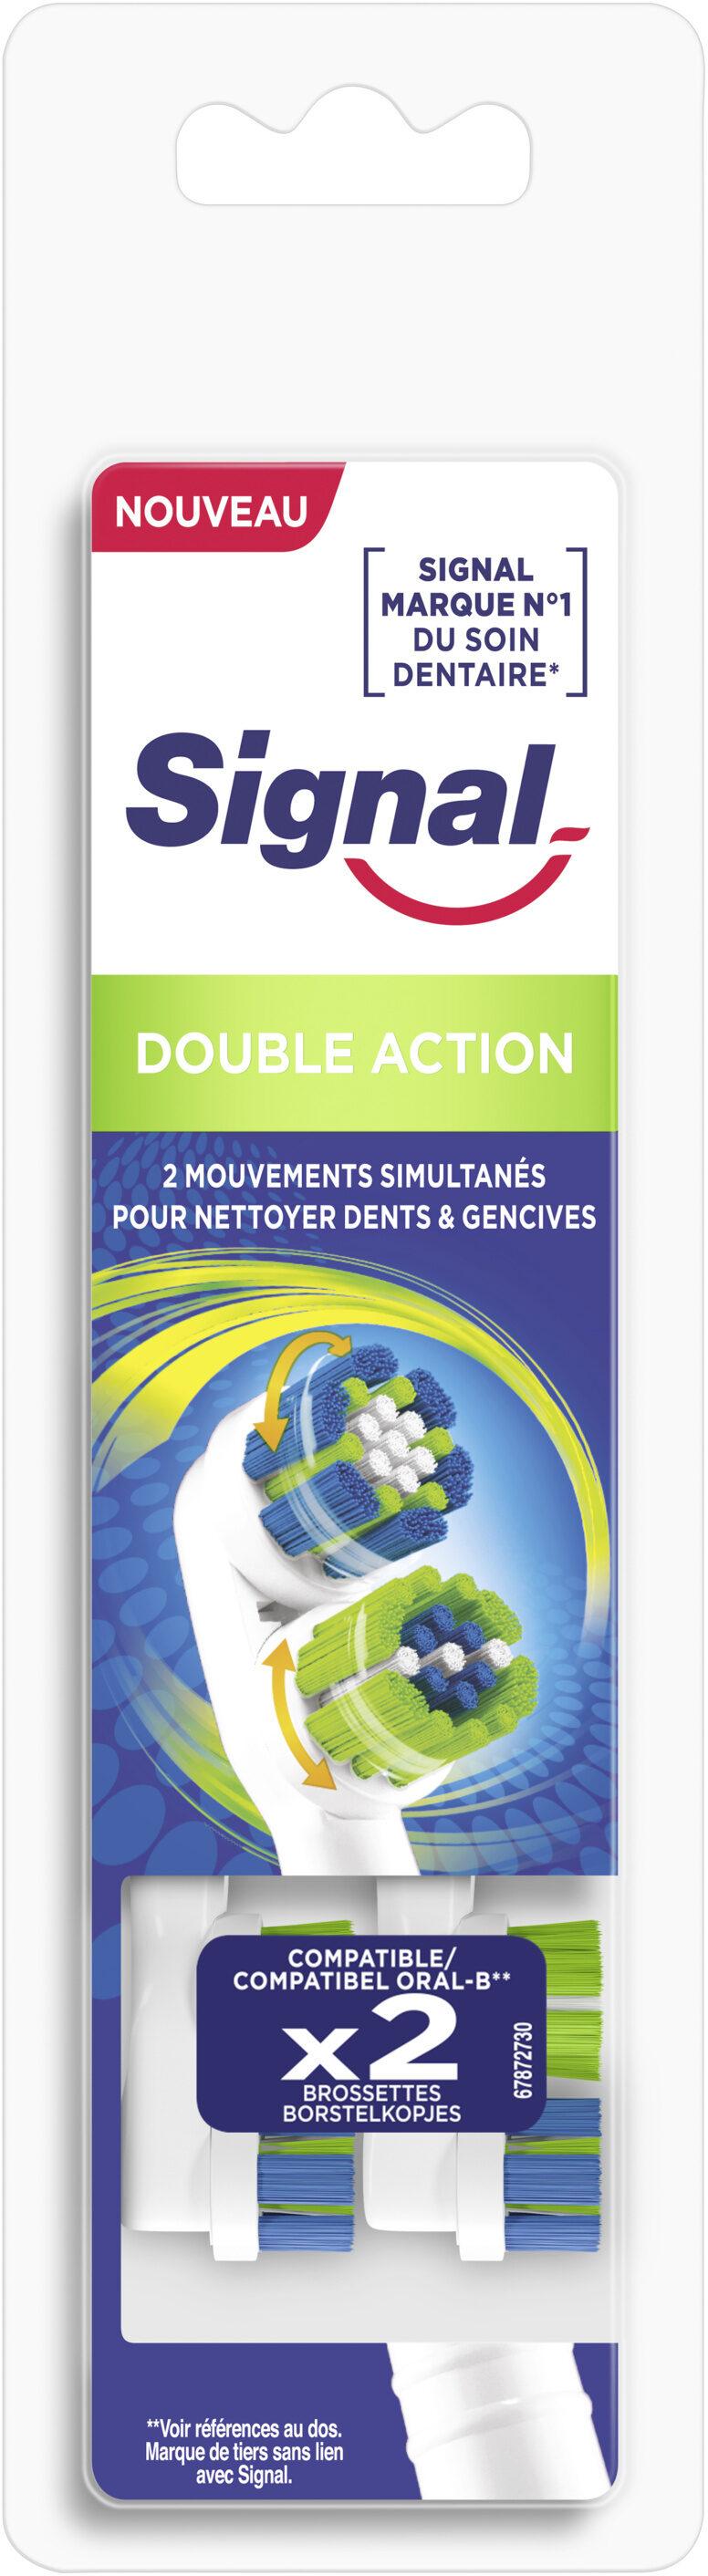 Signal Brossette Électrique Double Action x2 - Product - fr